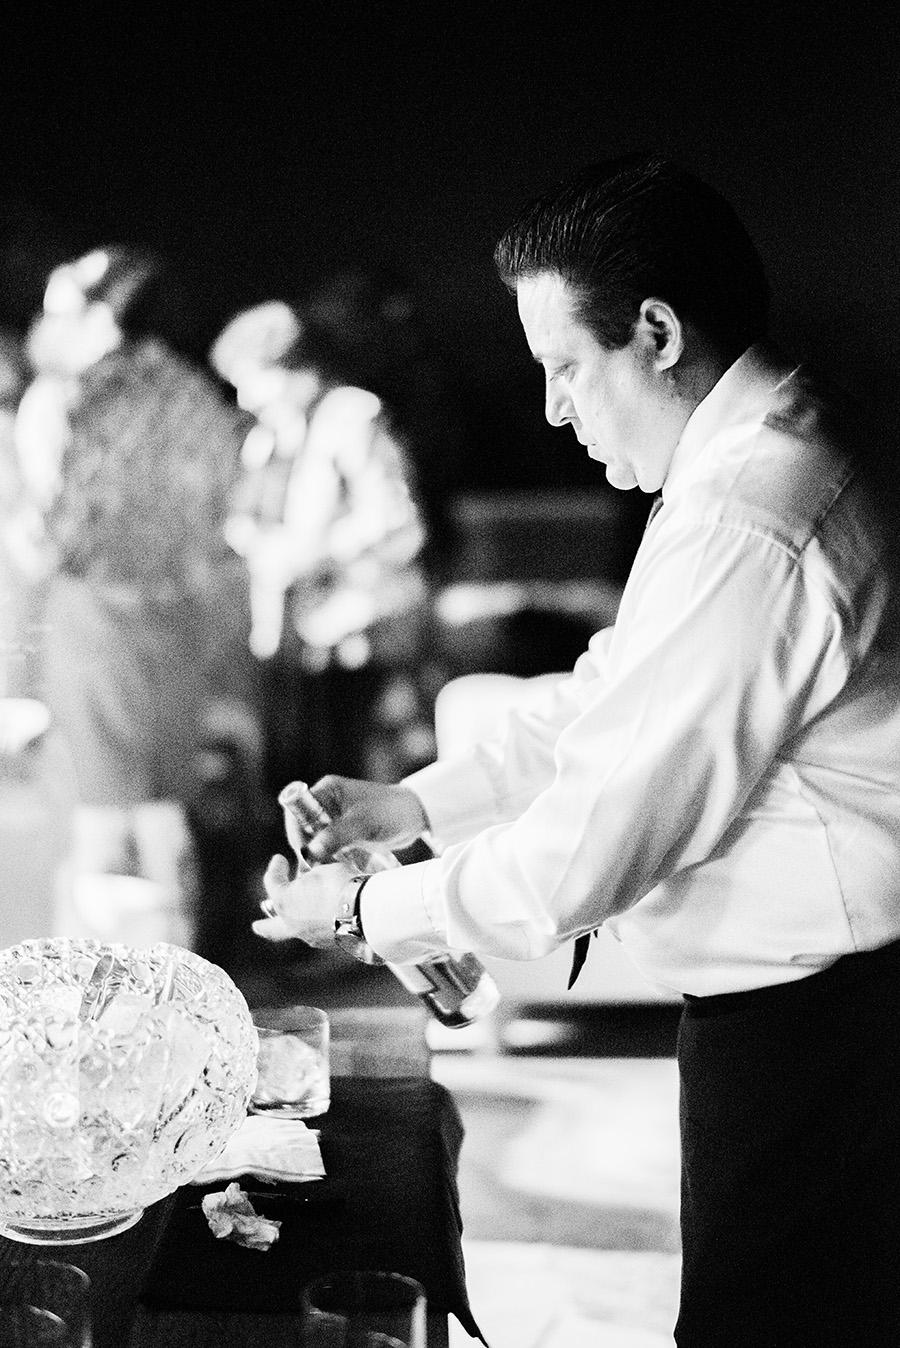 SALLY PINERA_MALIBU ROCKY OAKS WEDDING PHOTOGRAPHY_MALIBU_MARISSA AND PAUL-276.jpg